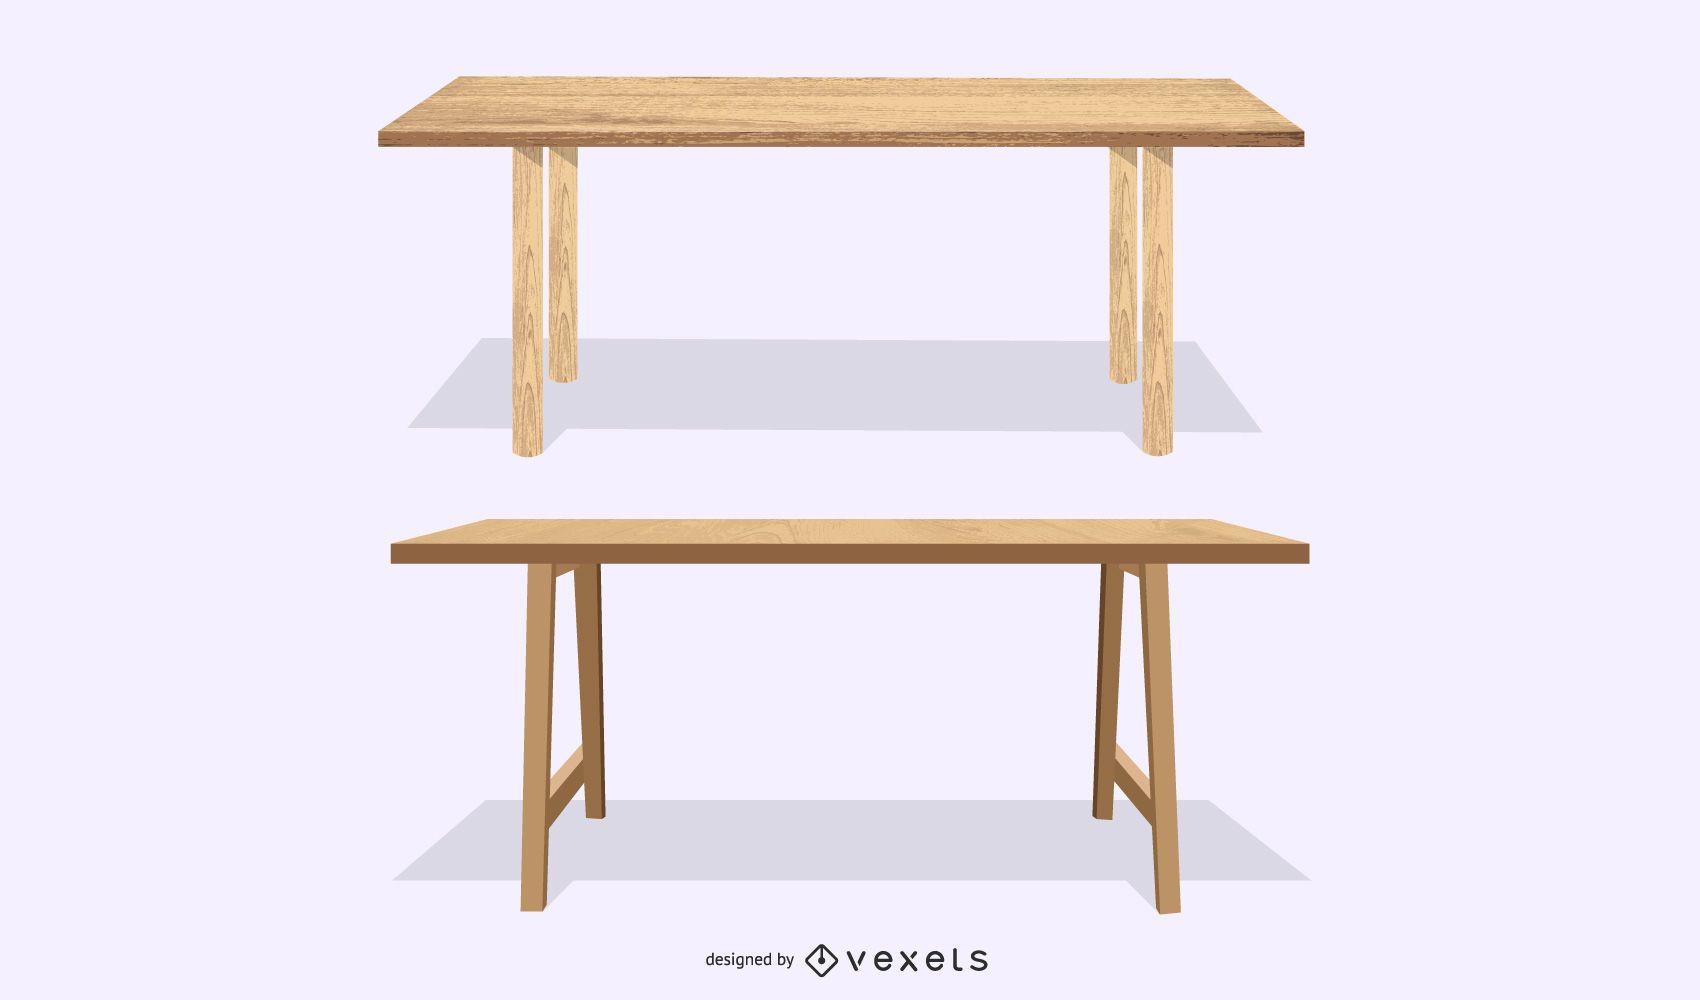 juego de dos mesas de madera